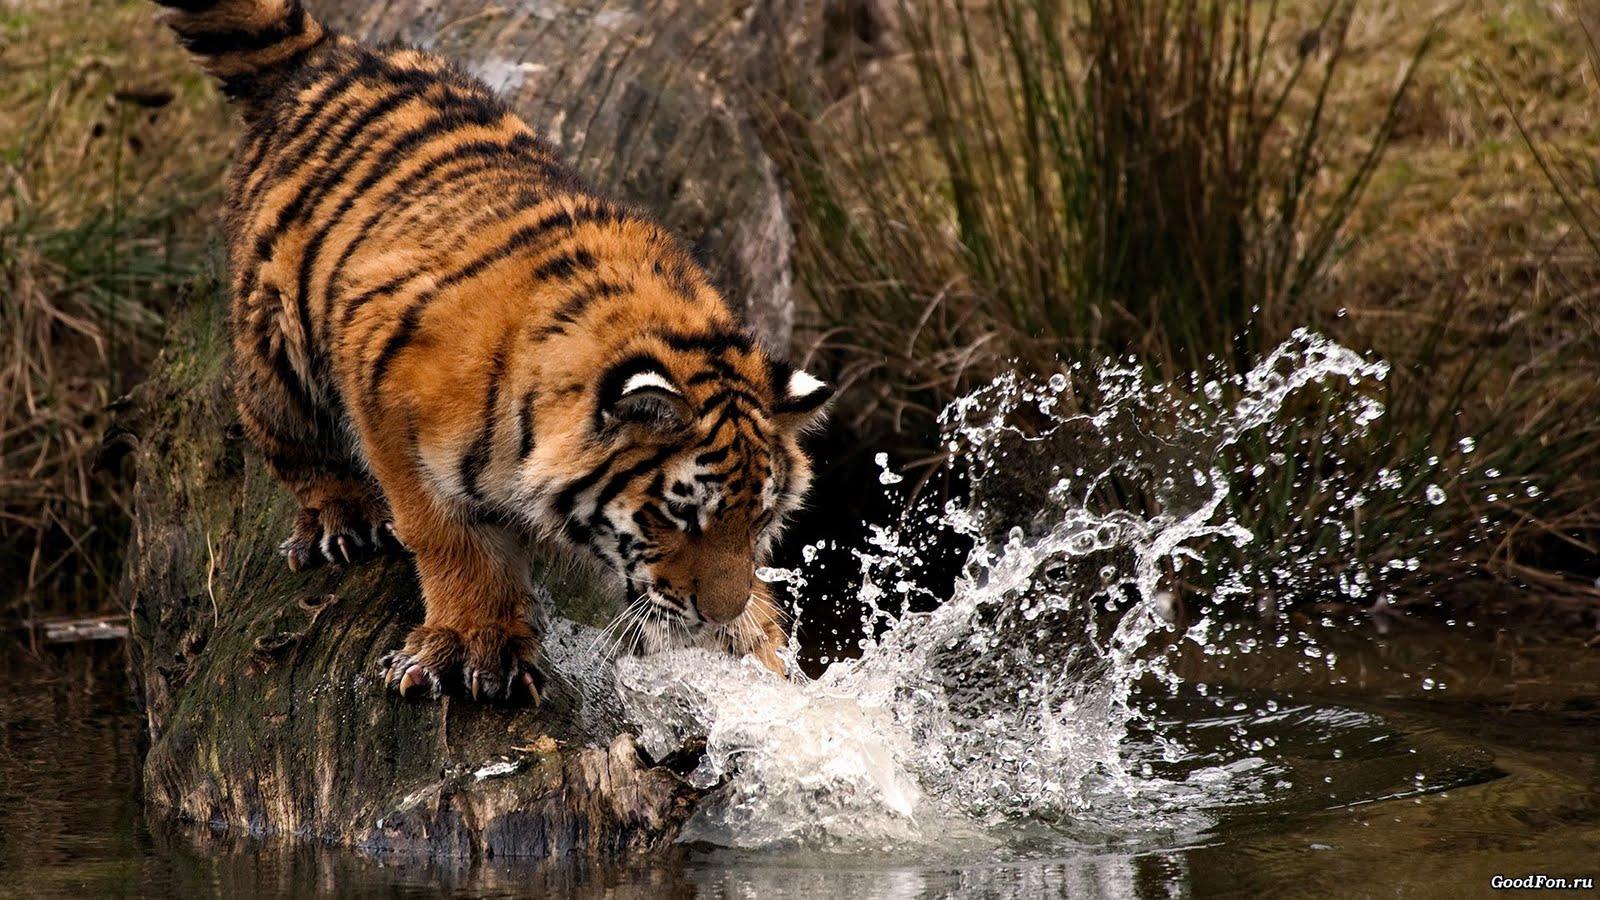 Tiger Wallpapers - WallpaperSafari